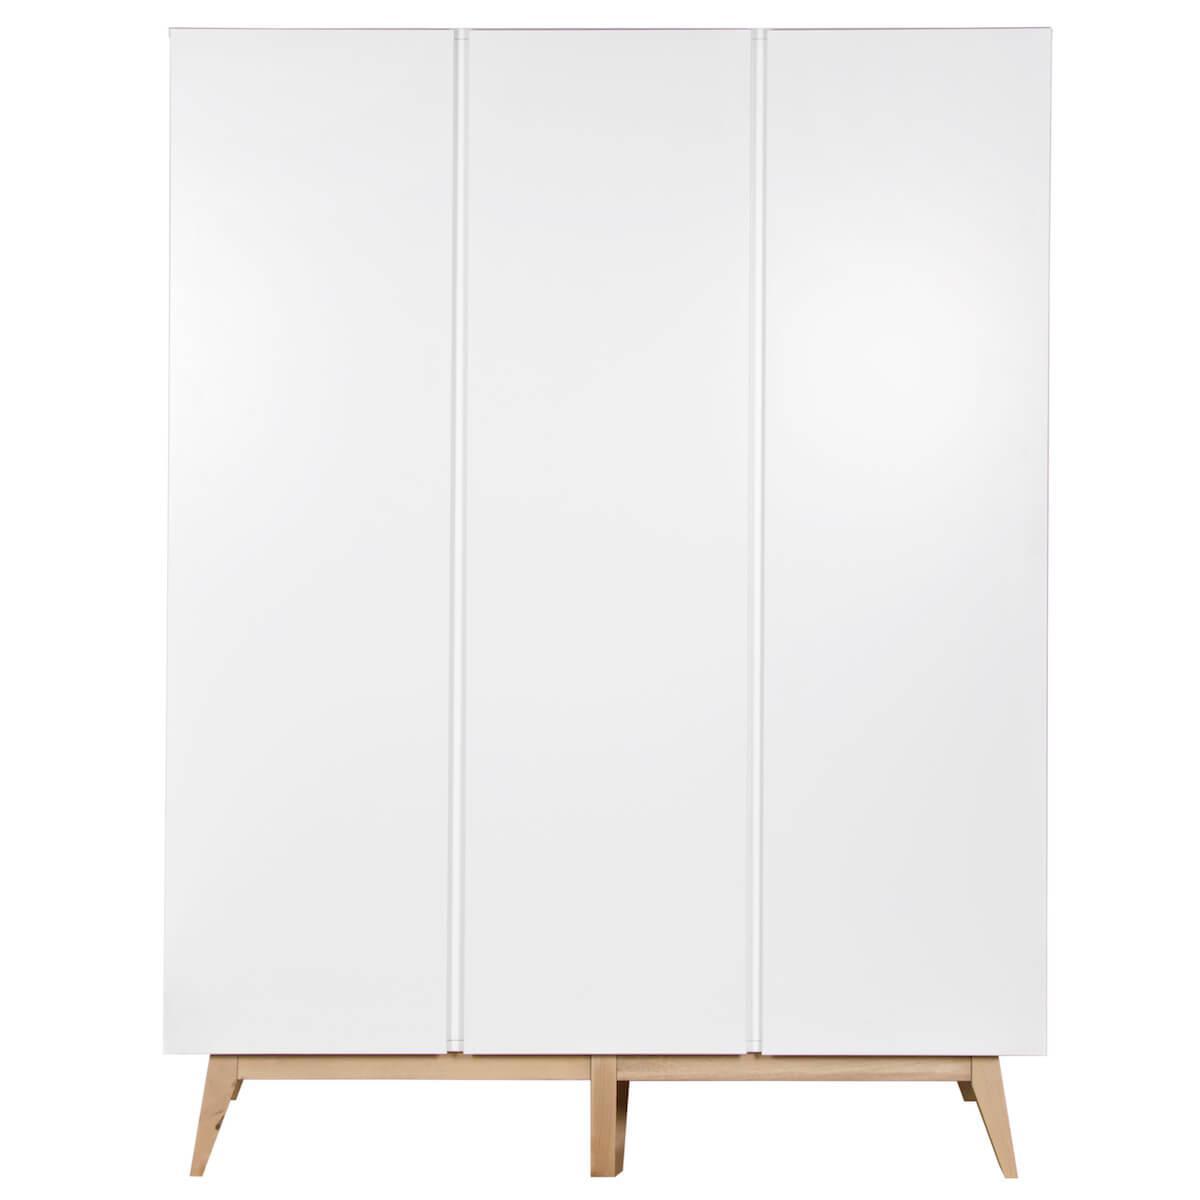 Kleiderschrank 152x198cm TRENDY Quax weiß